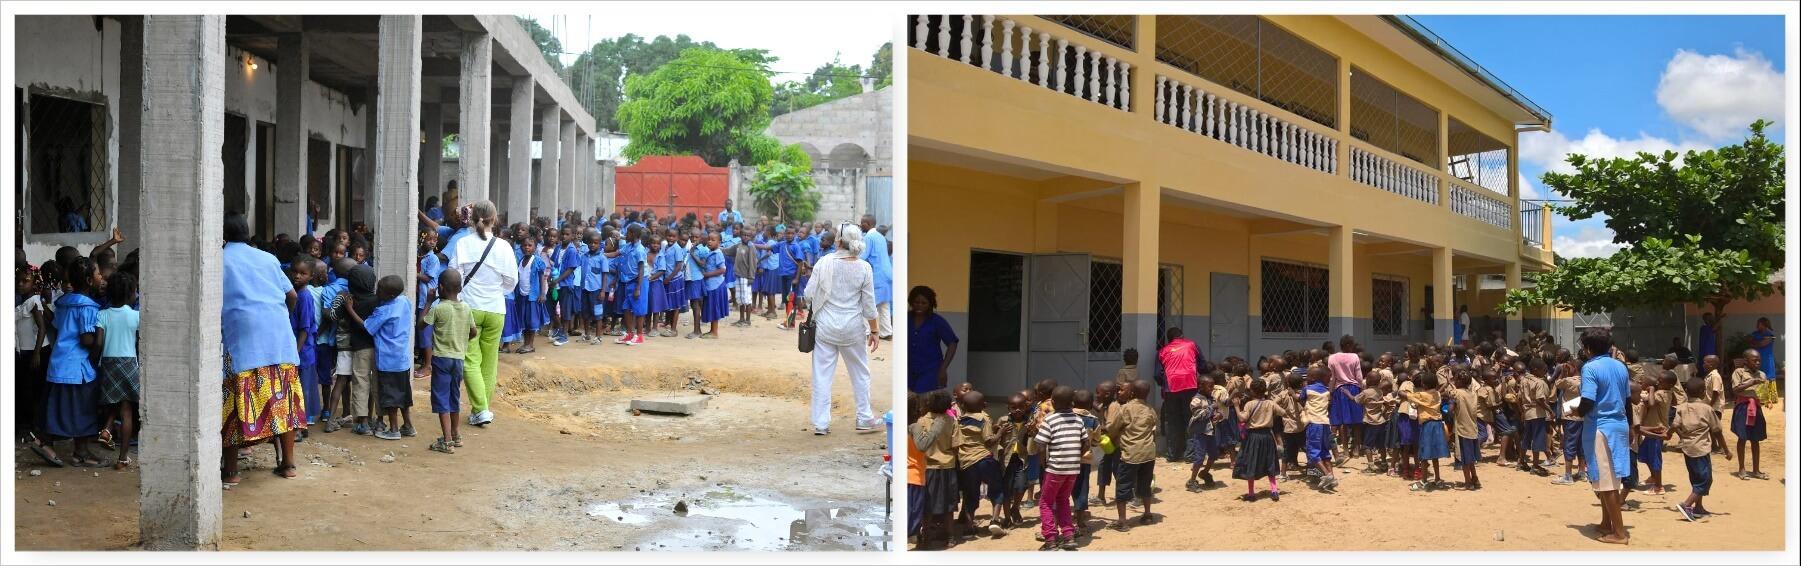 UNA TARGA DEL NOSTRO FONDATORE PADRE ENZO NELLA MISSIONE IN CONGO BRAZZAVILLE